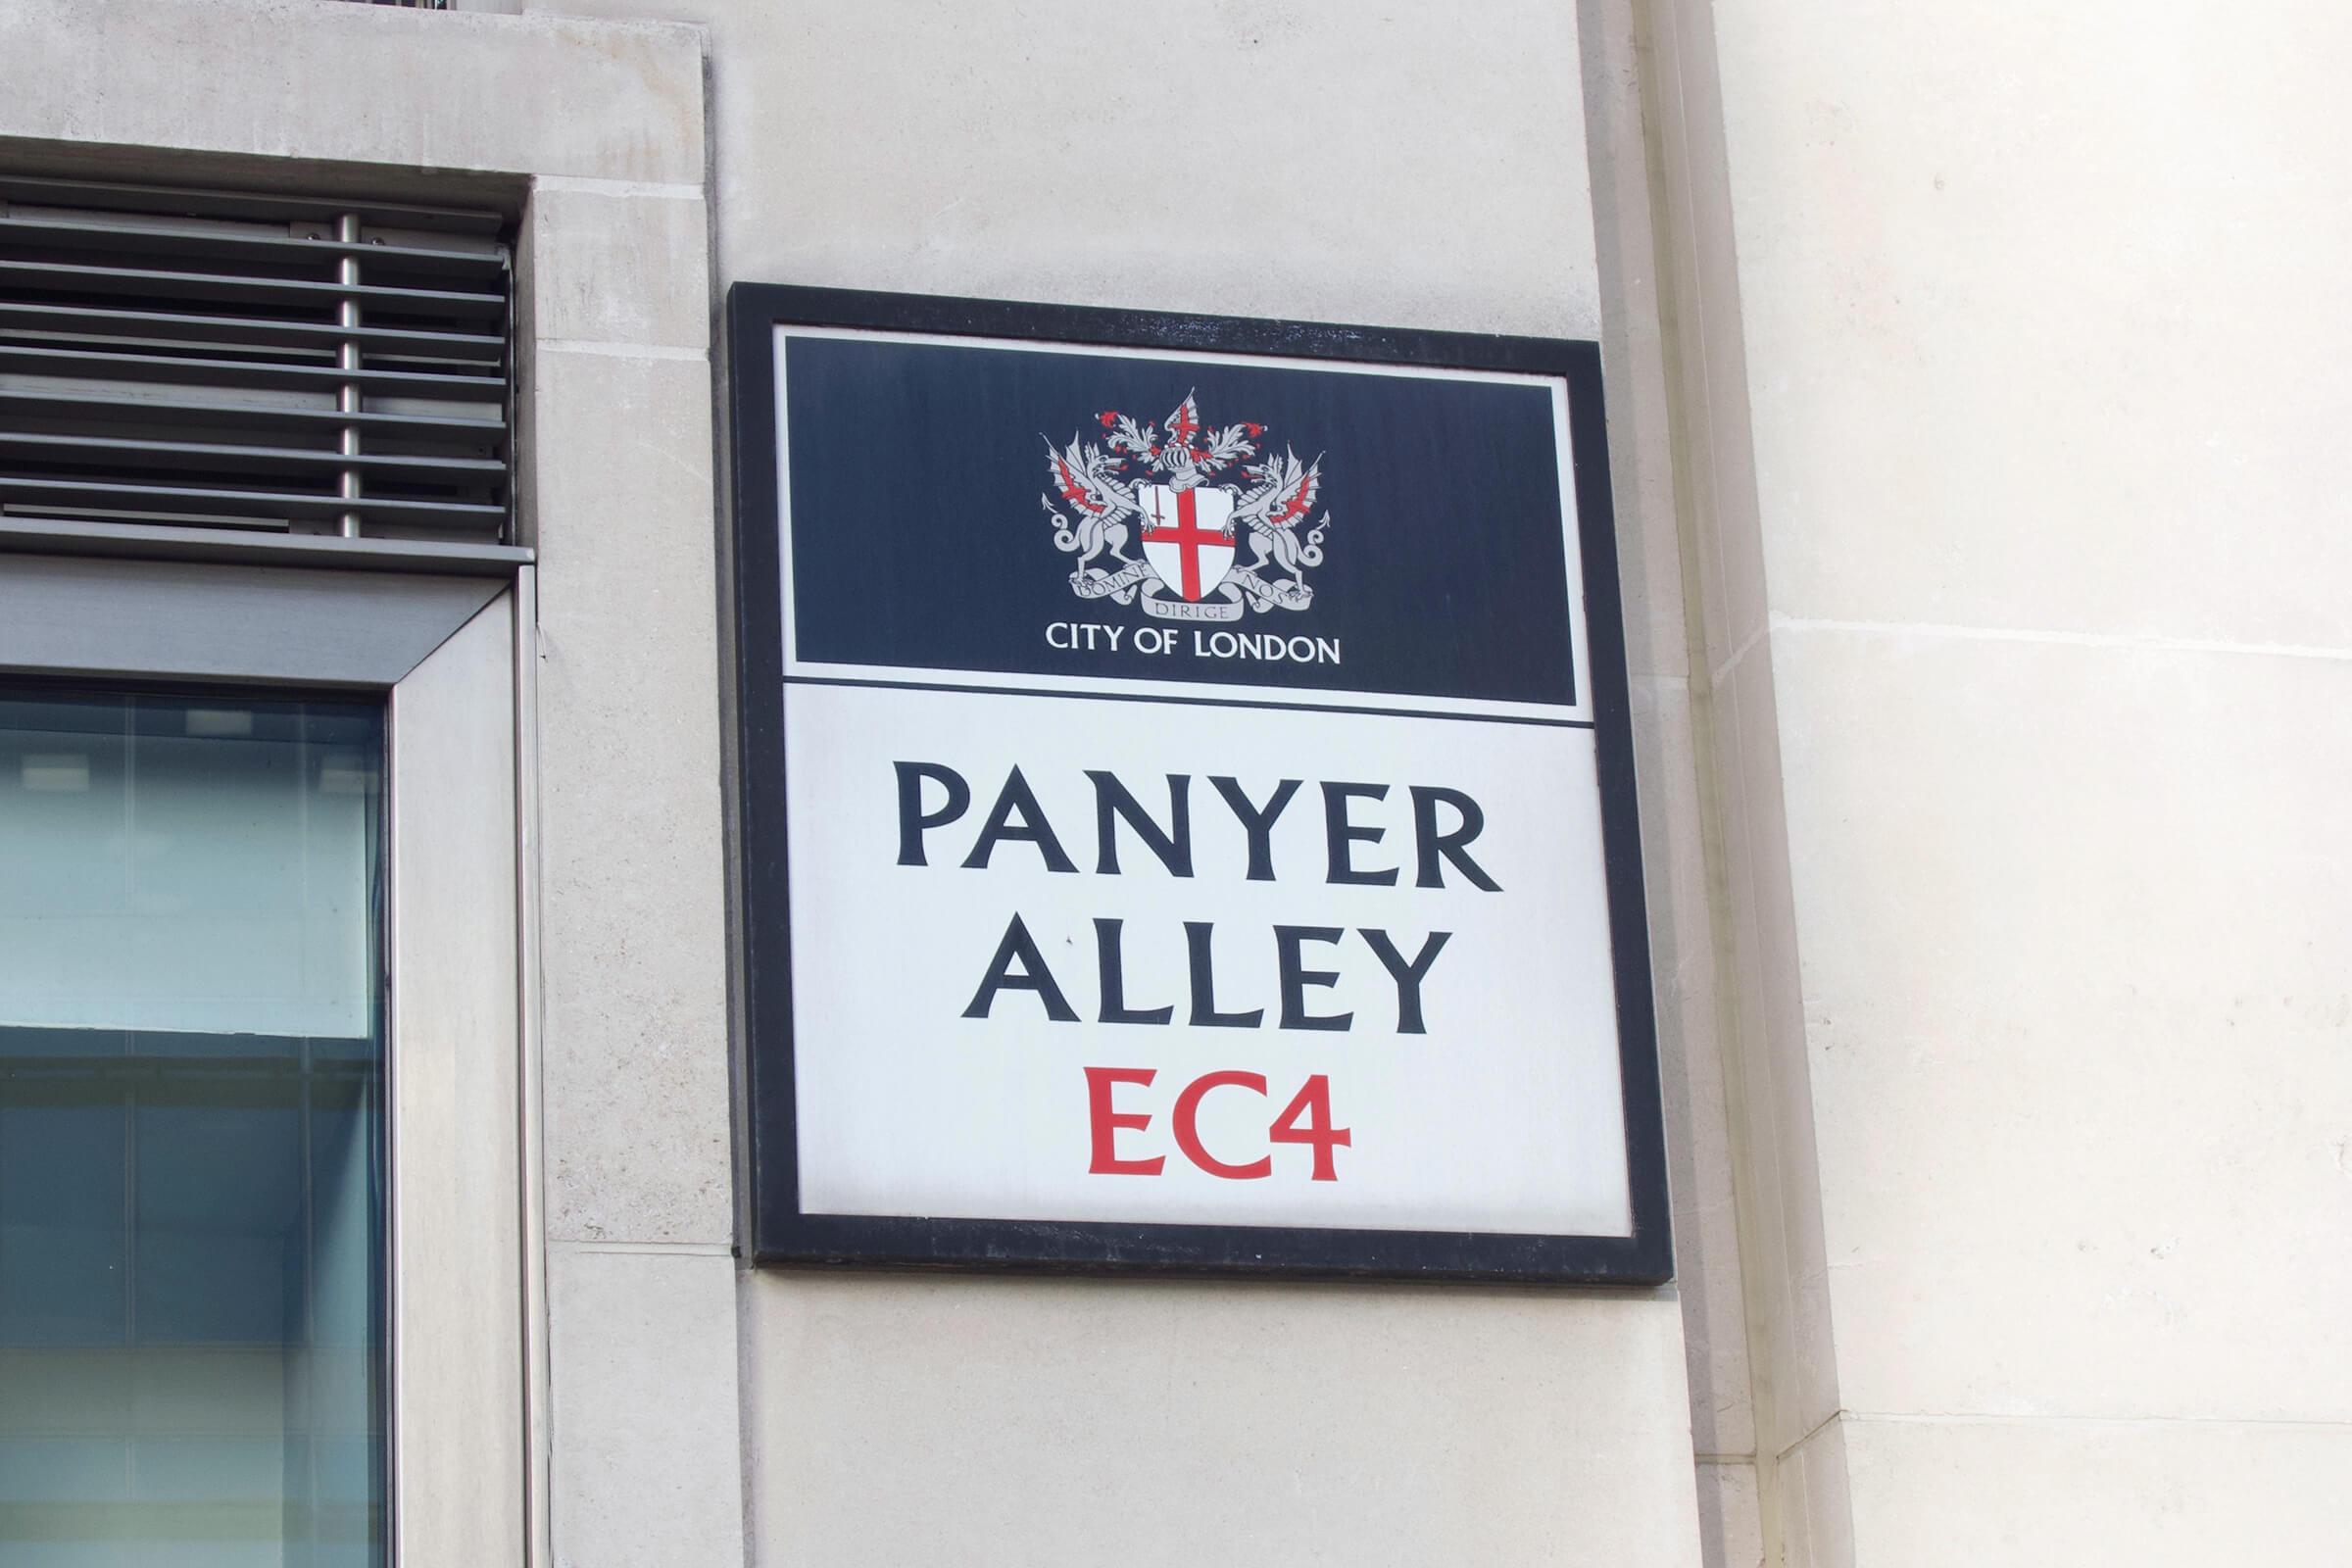 ロンドン市街地のとある標識